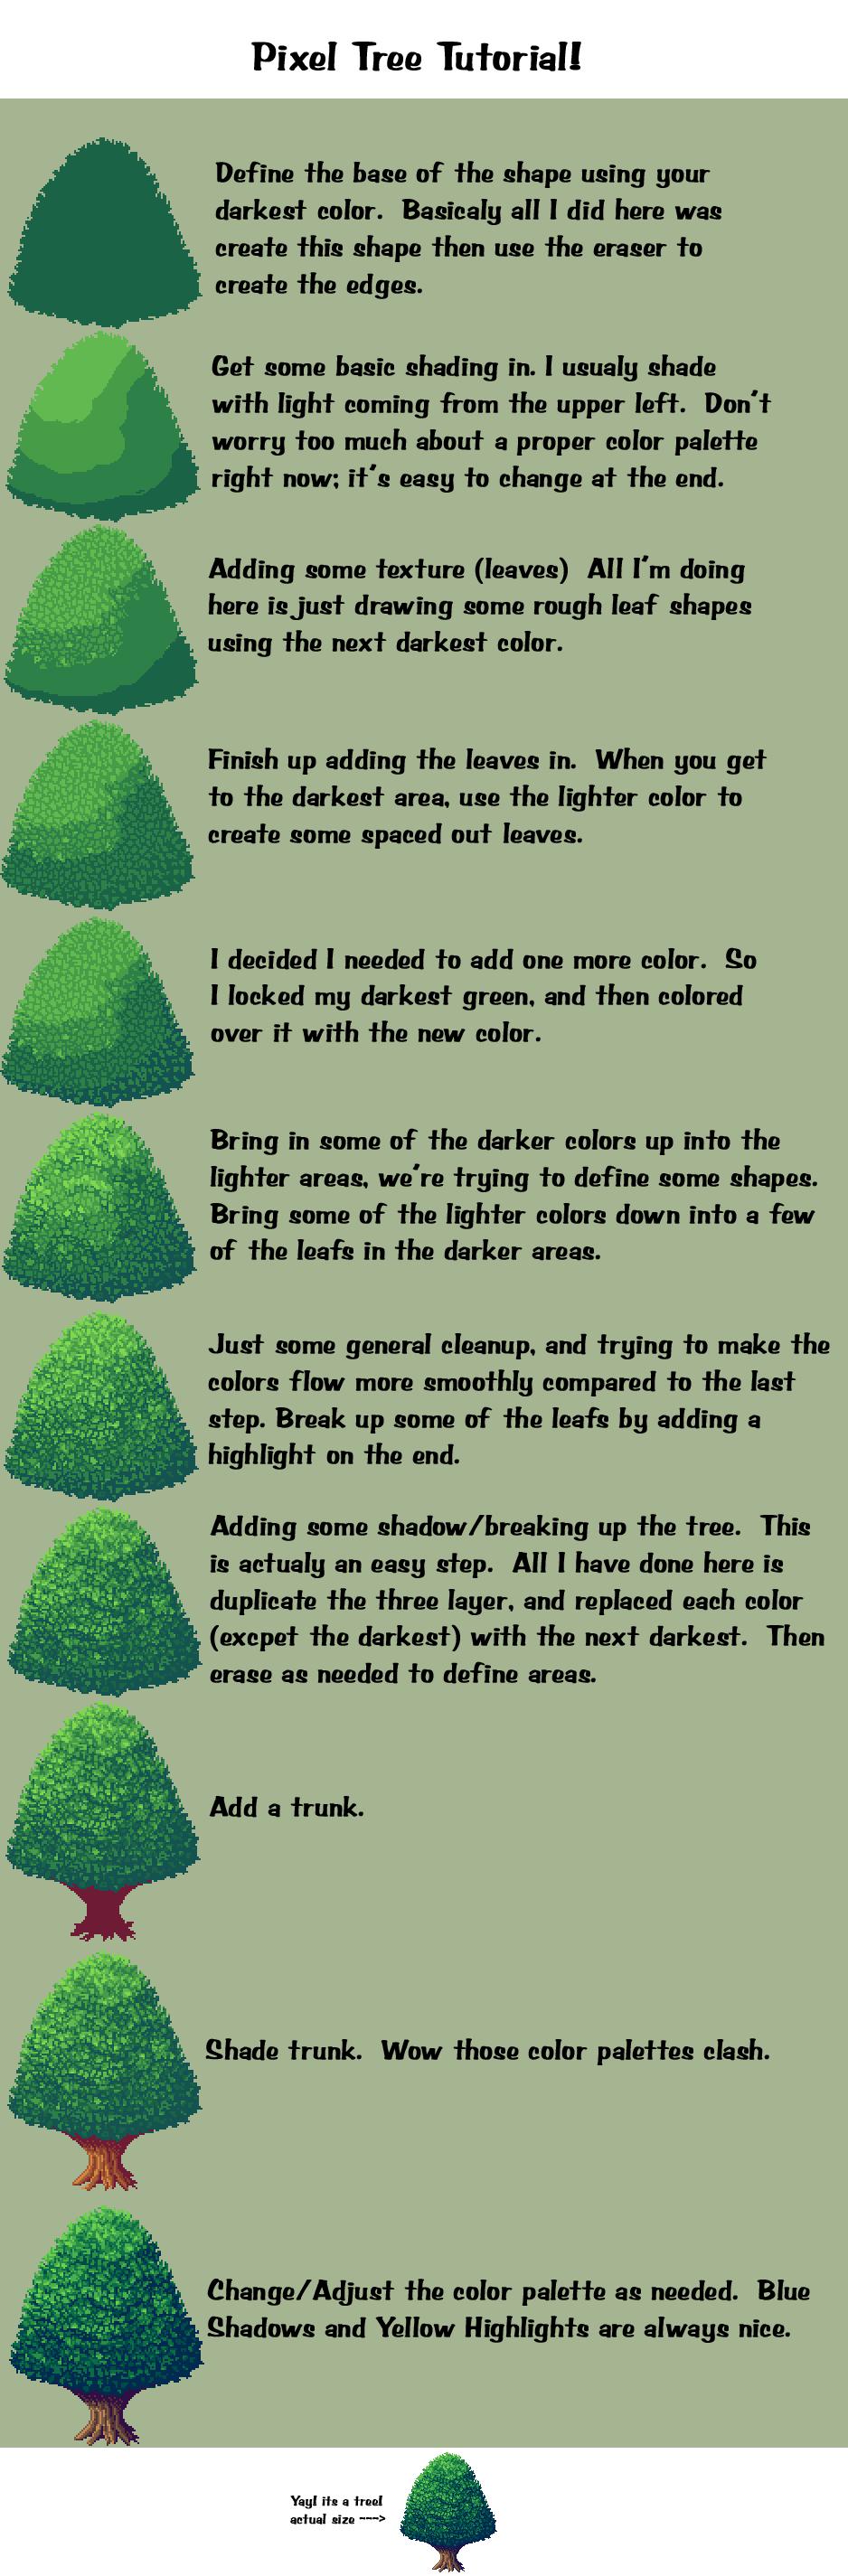 Pixel Tree Tutorial by D-e-n-a on DeviantArt